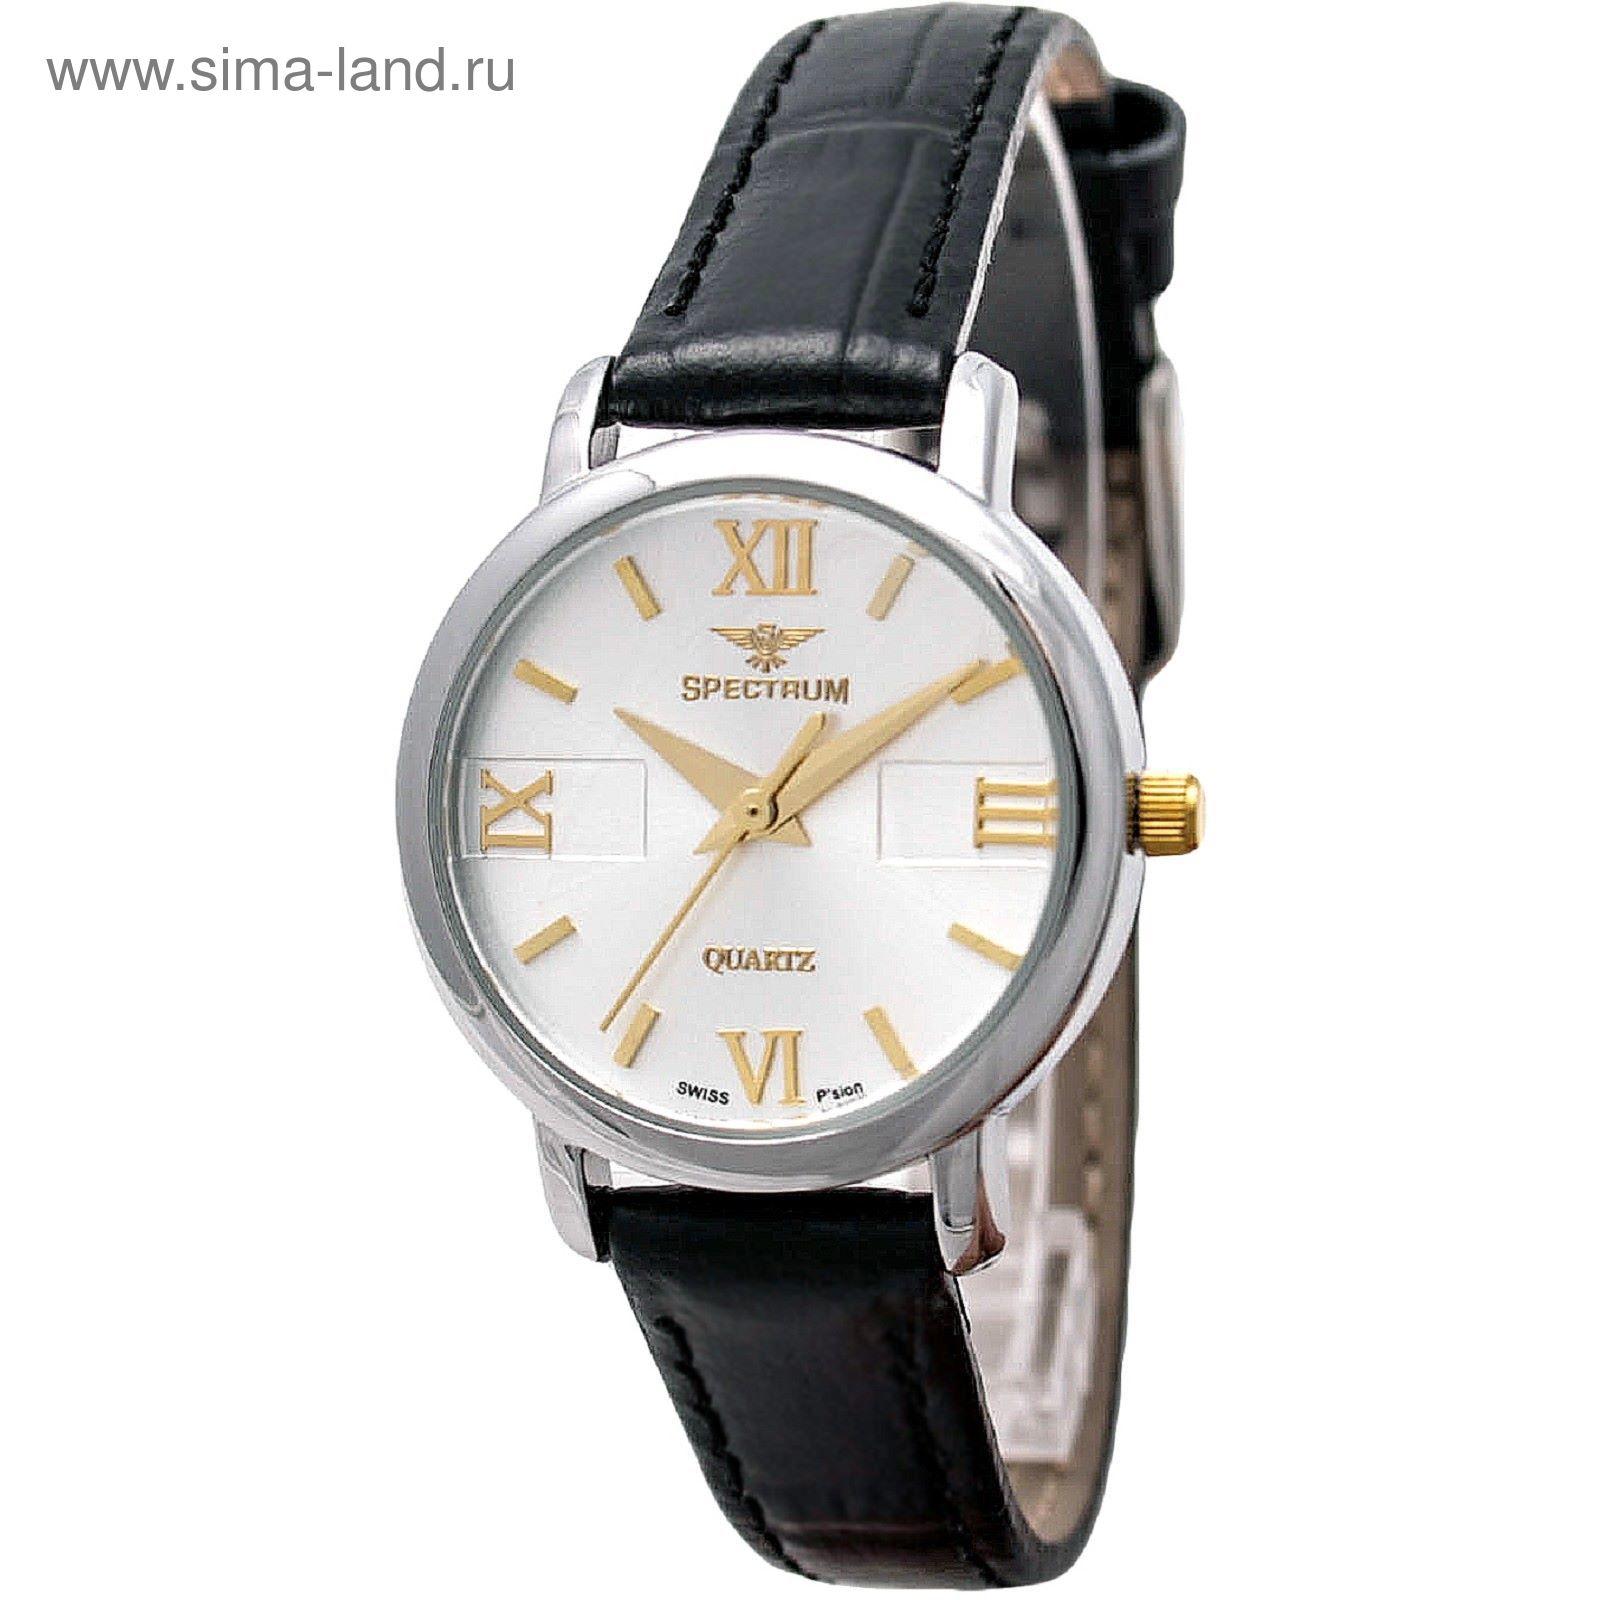 купить часы geneva в киеве